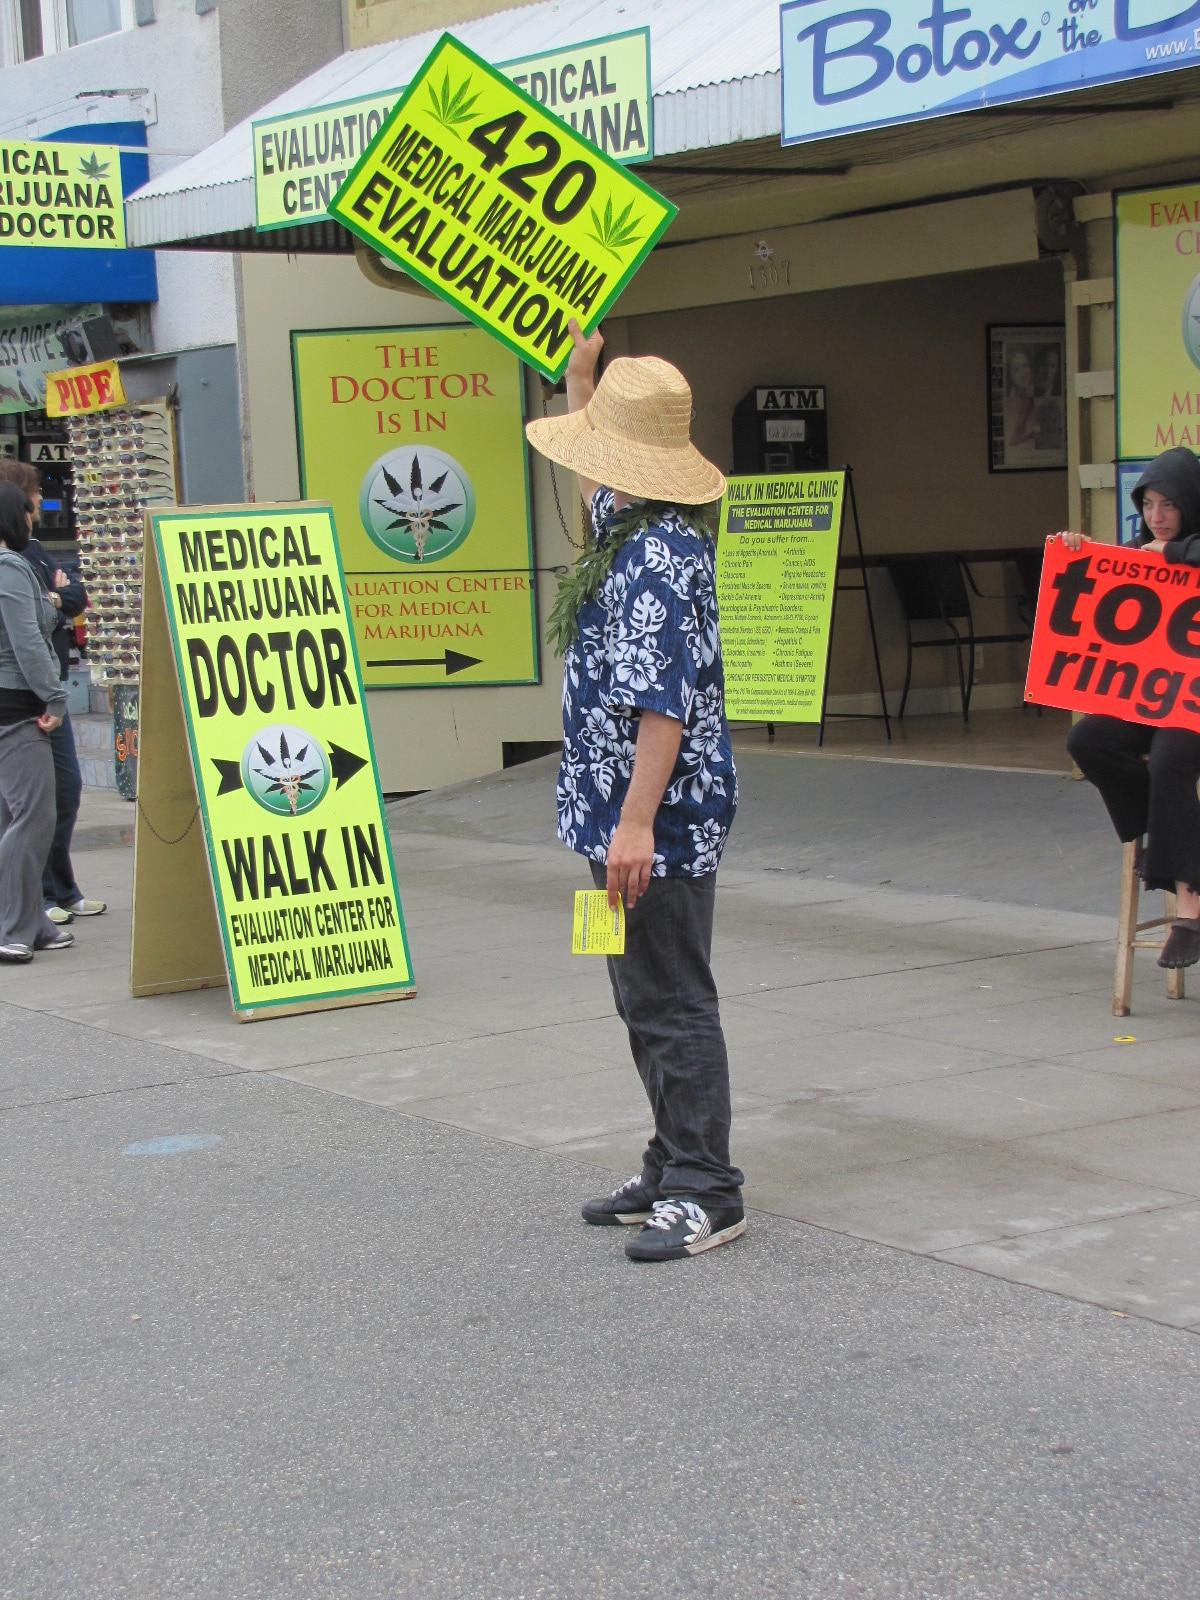 Vendeur légal de Marijuana sur venice beach